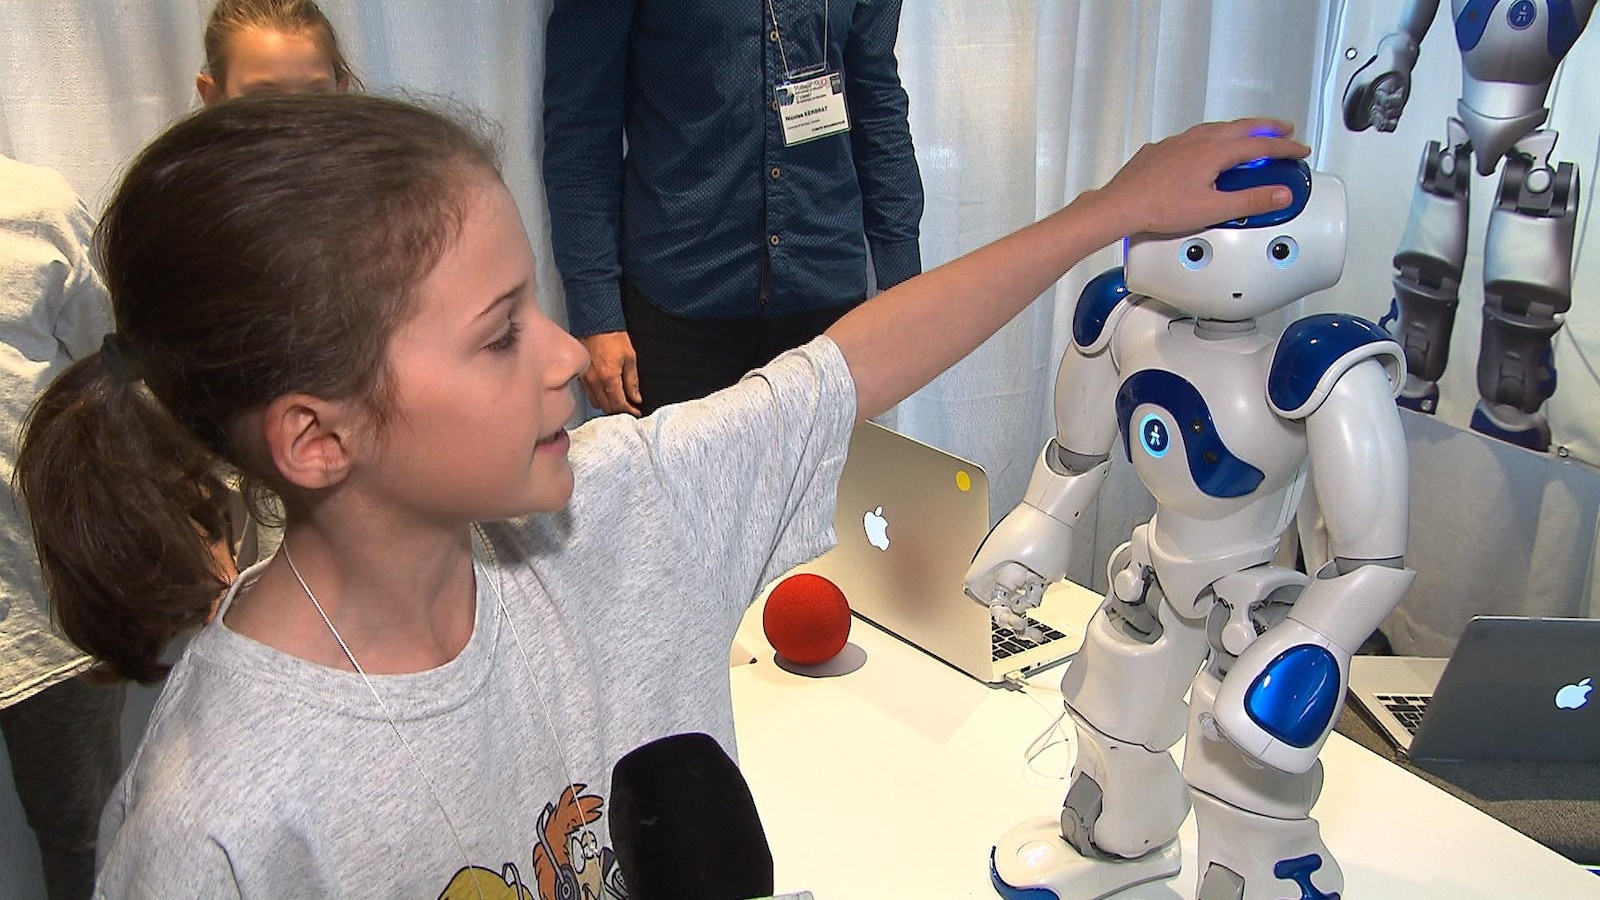 Une enfant caresse la tête du robot Nao